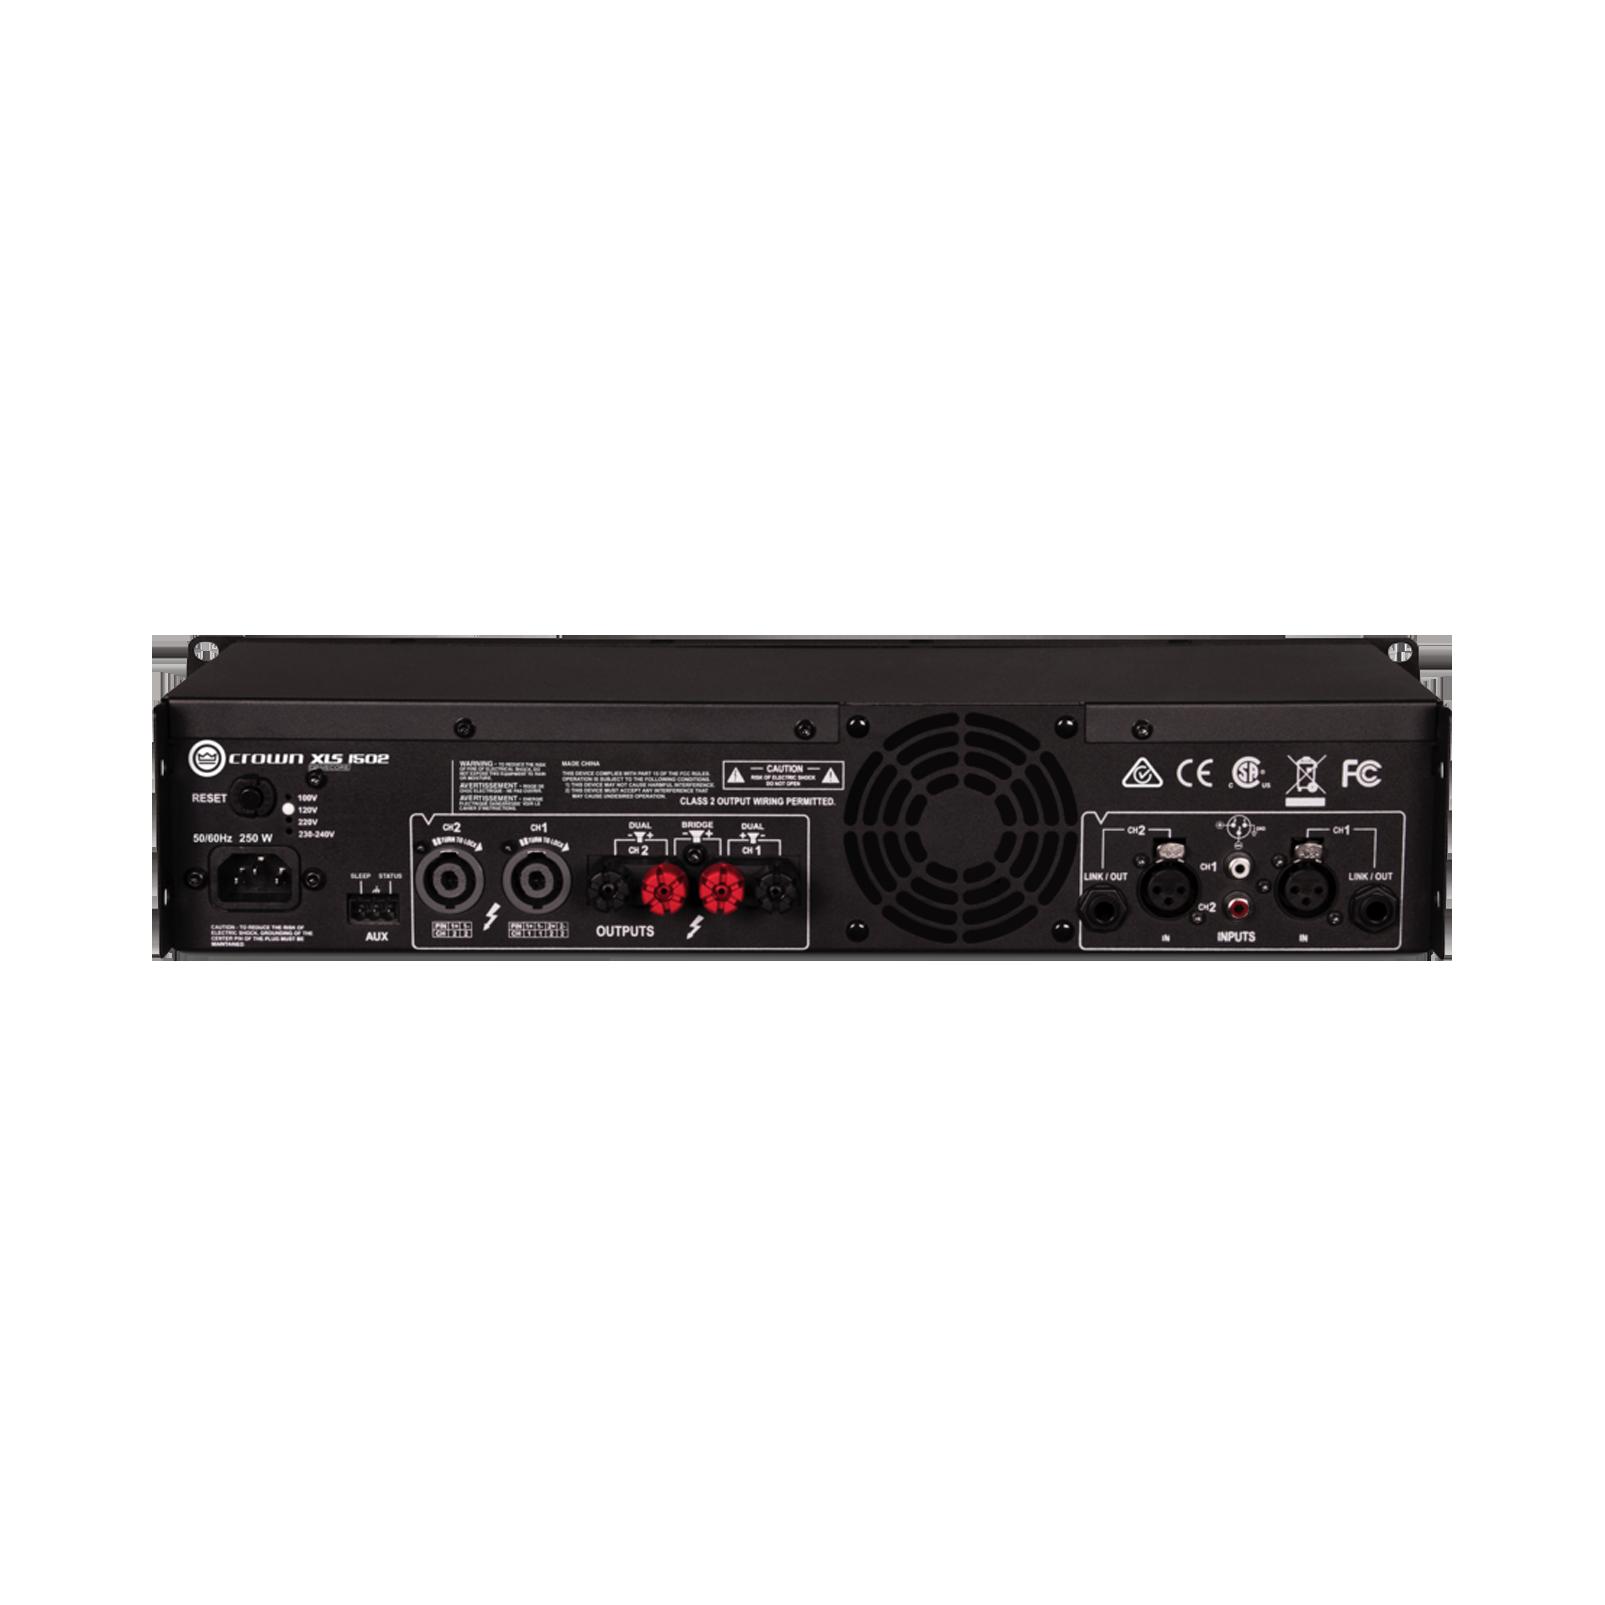 XLS 1502 - Black - Two-channel, 525W @ 4Ω power amplifier - Back